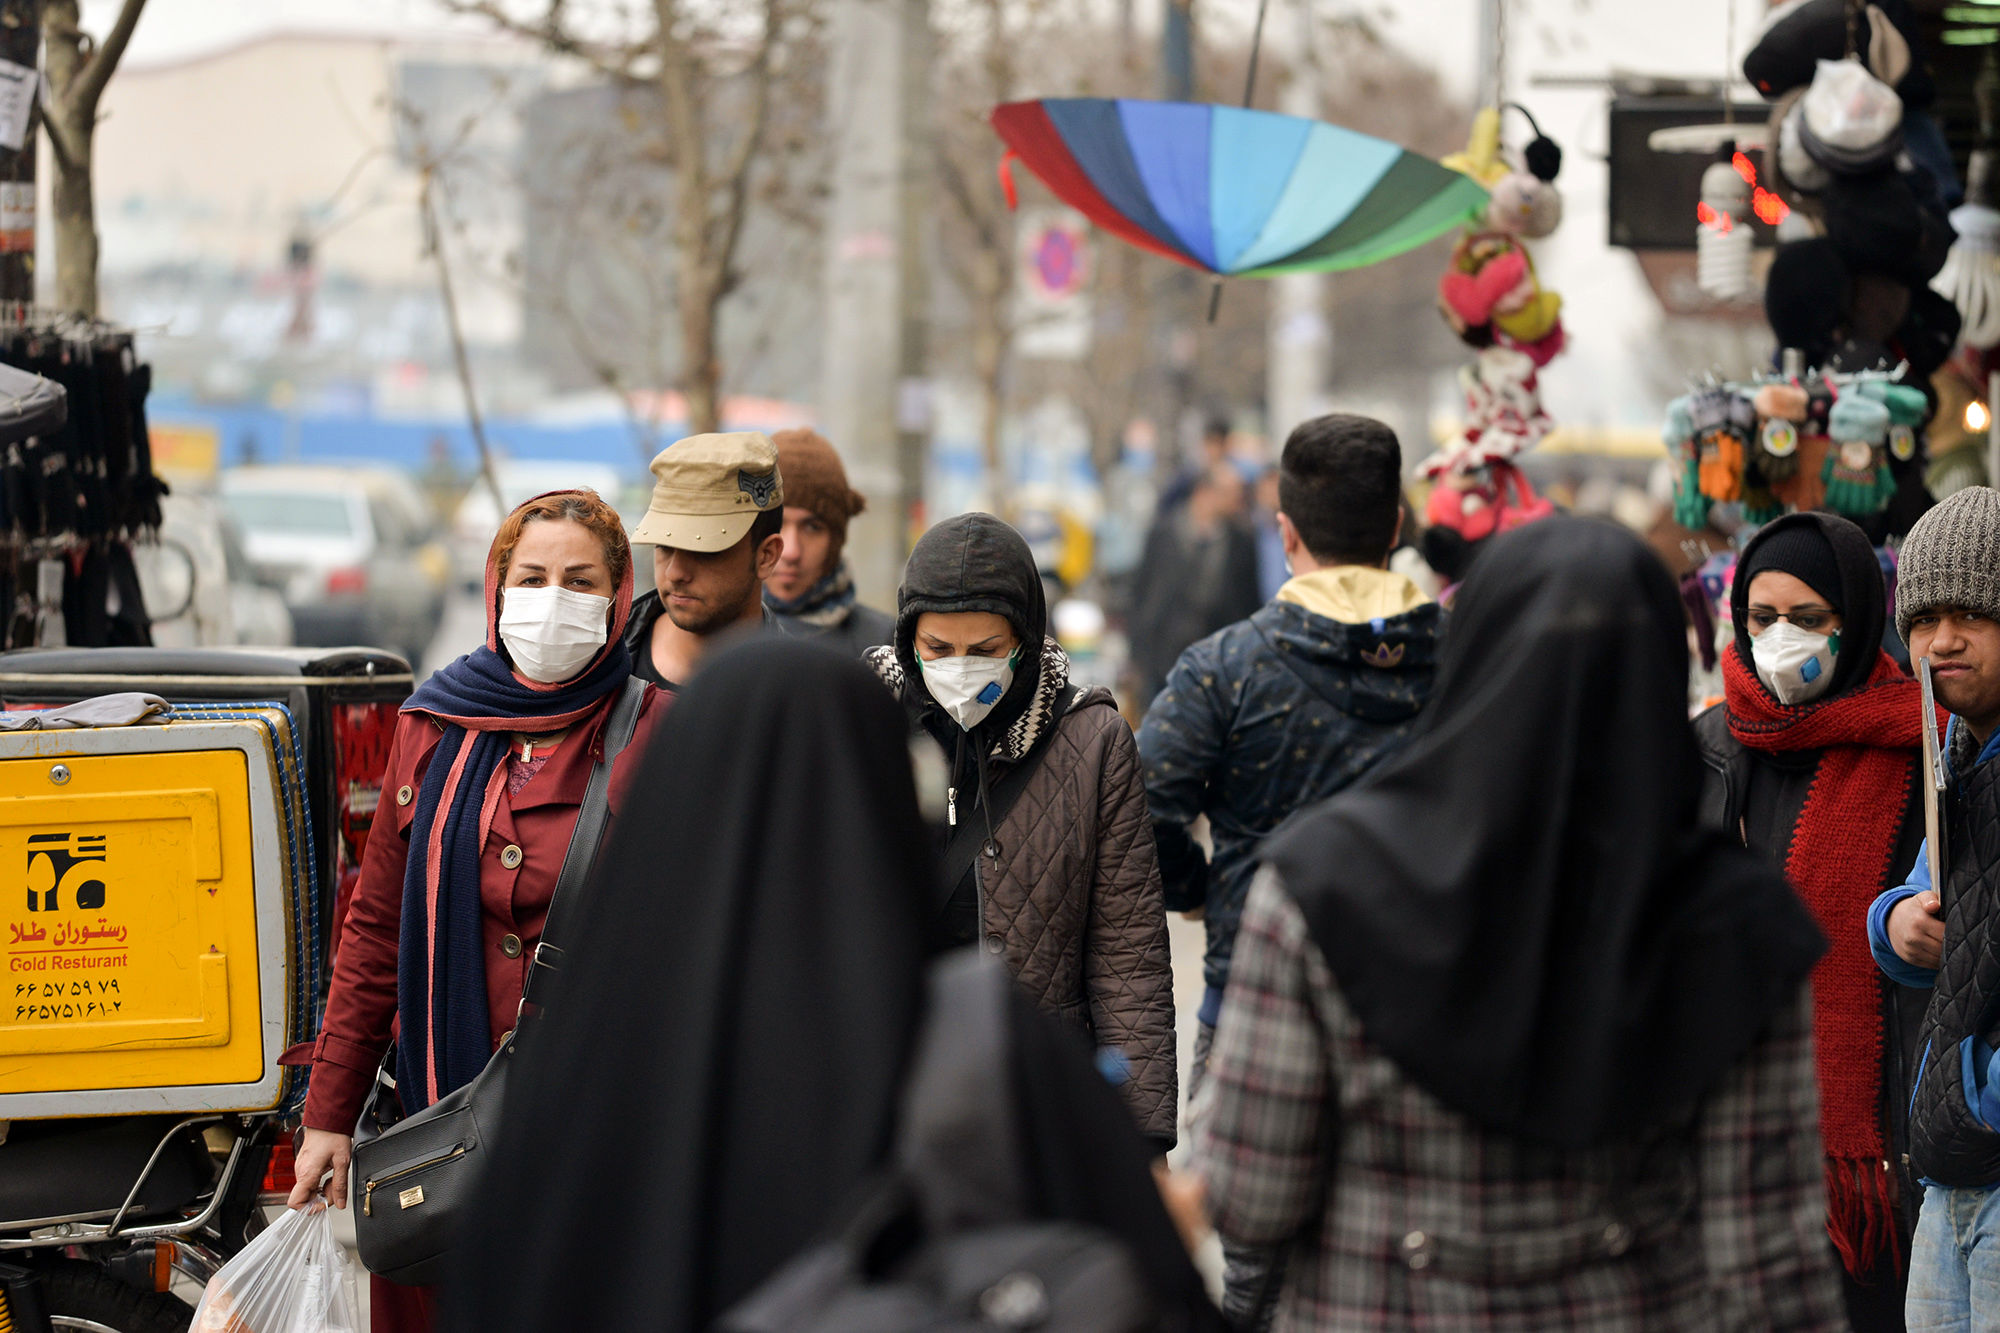 افزایش آگاهی مردم مهم ترین روش مقابله با کرونا ویروس است/ گران فروشی ماسک وجود ندارد